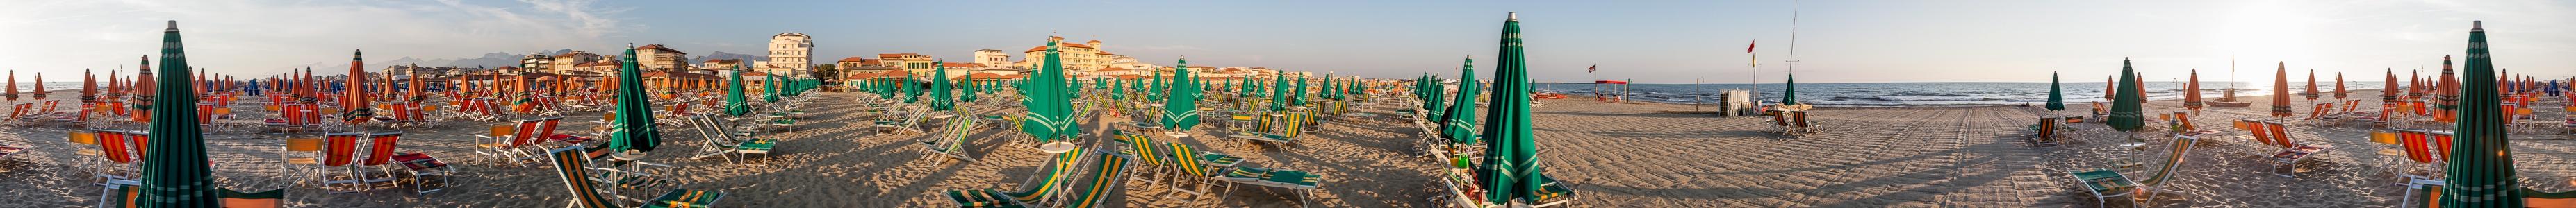 Viareggio Versilia: Strandbäder am Mittelmeer